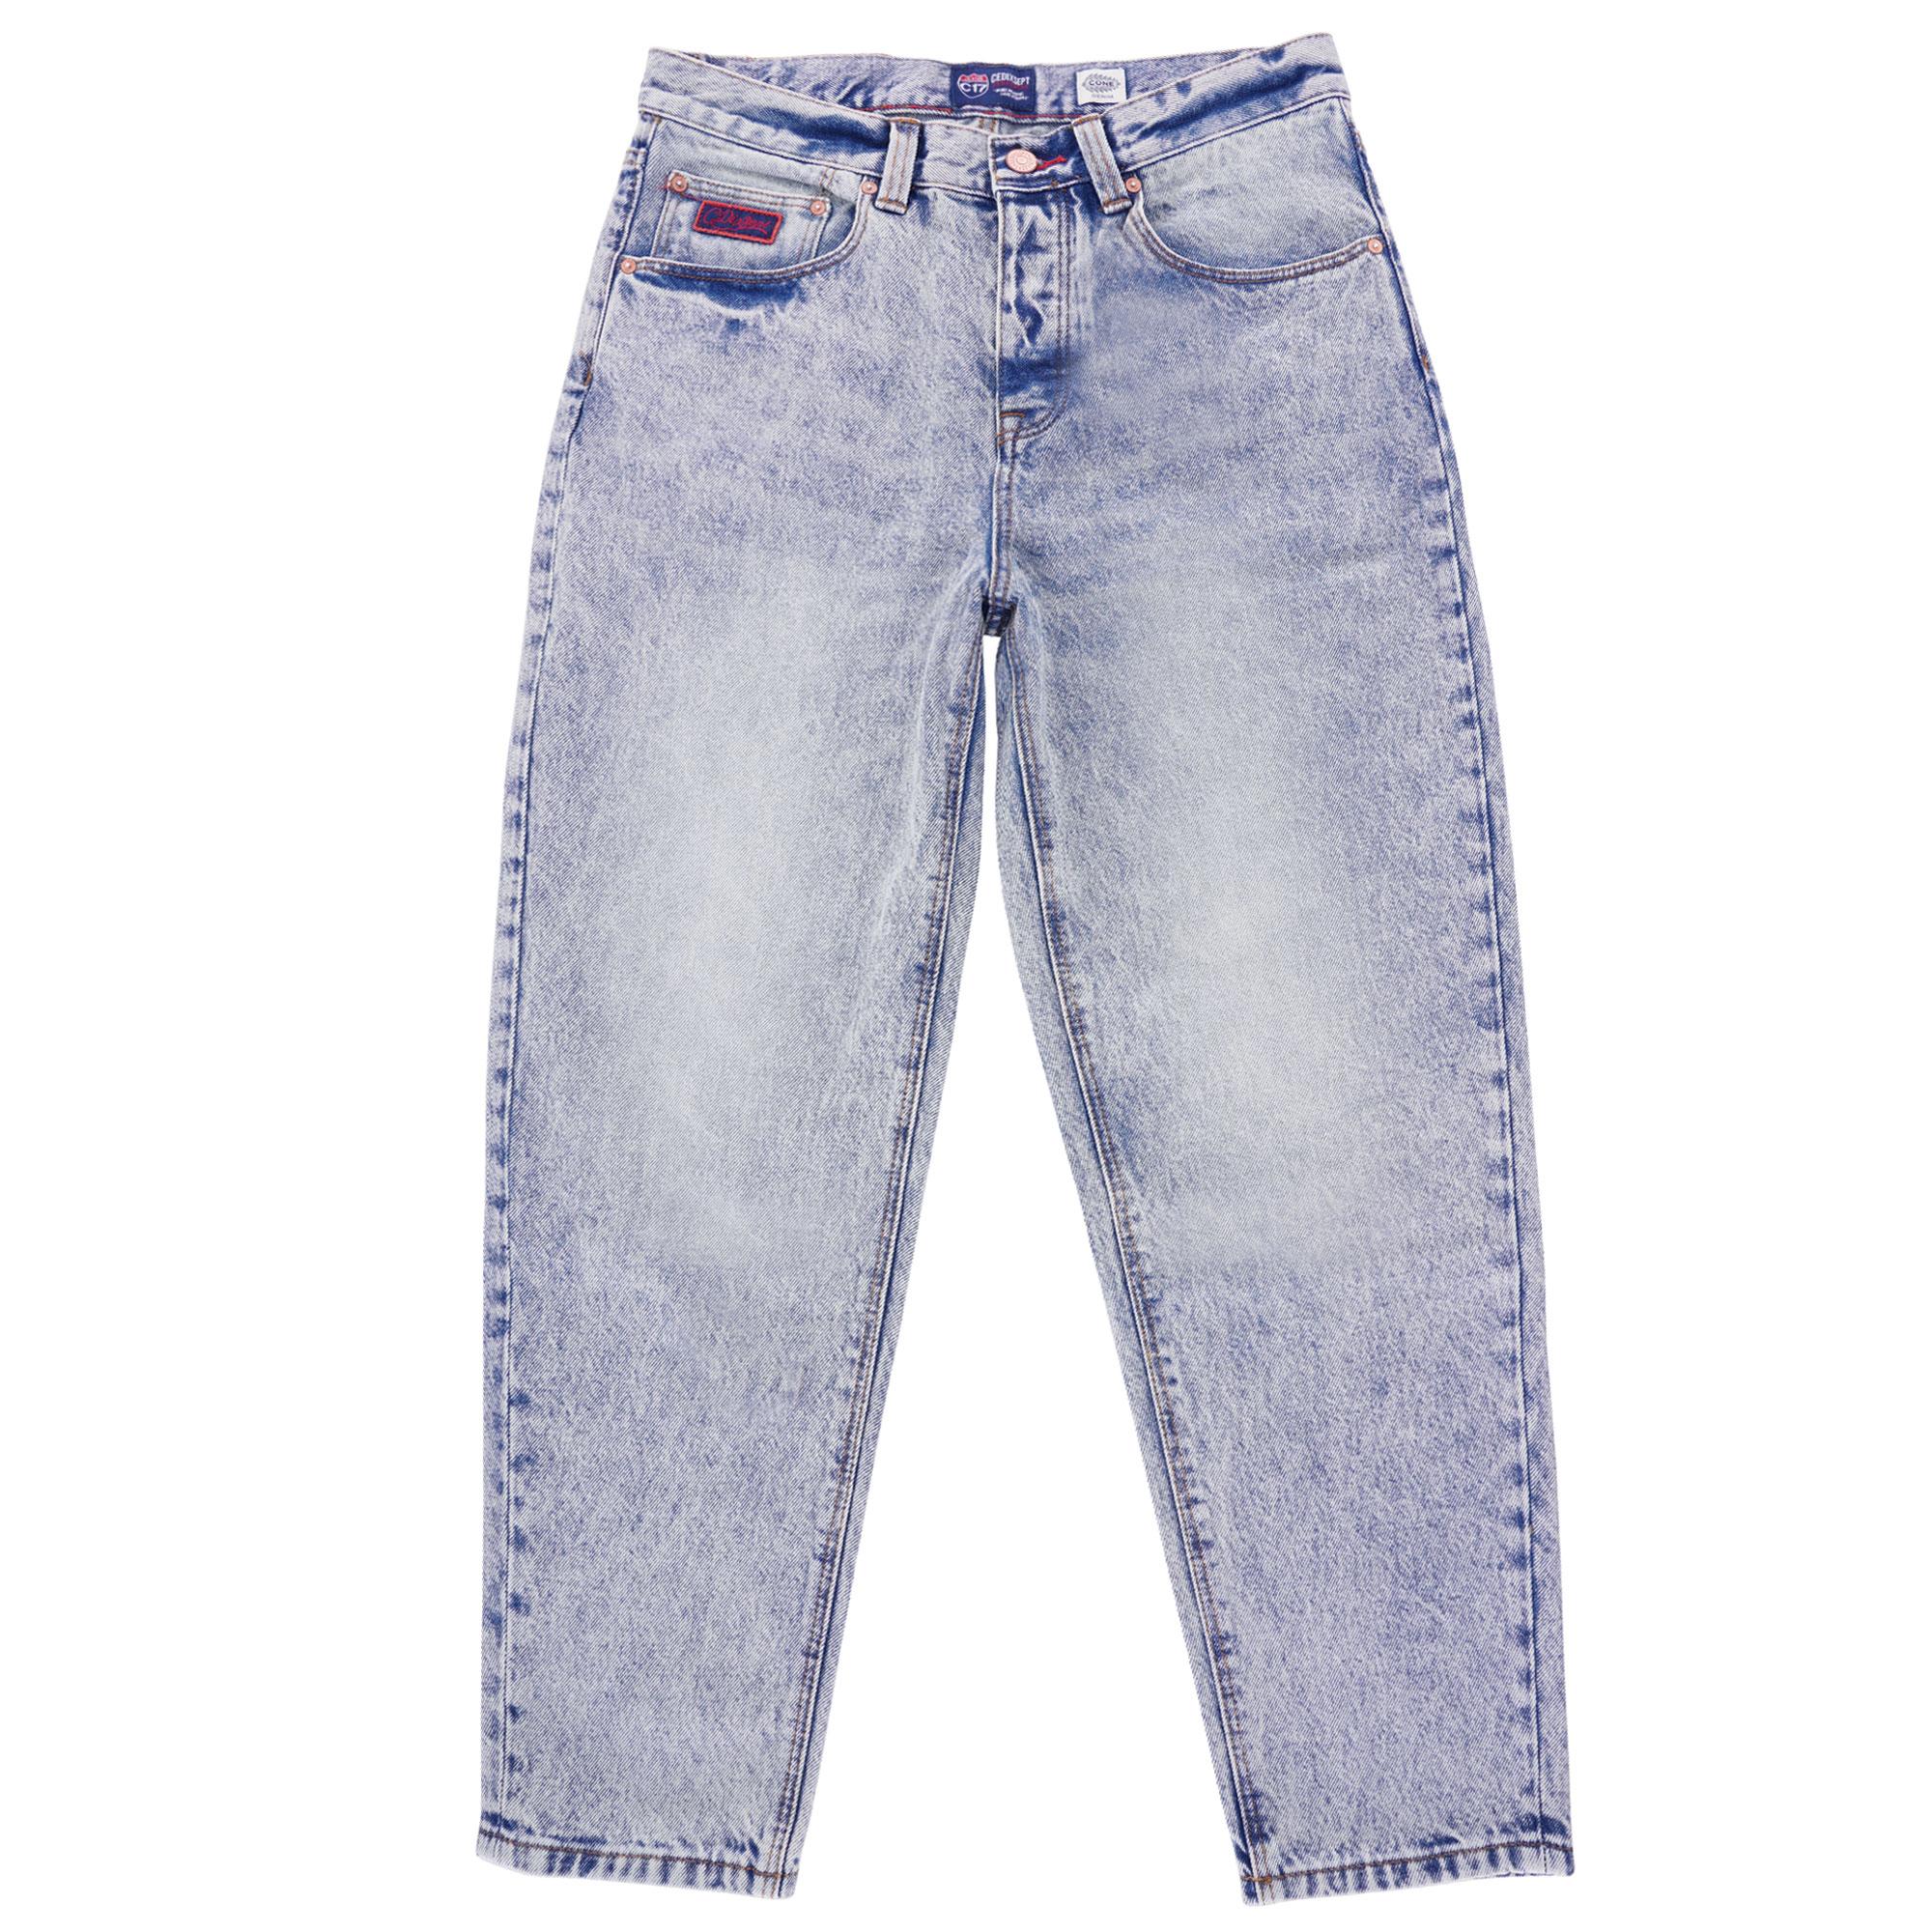 C17 Archive Jeans